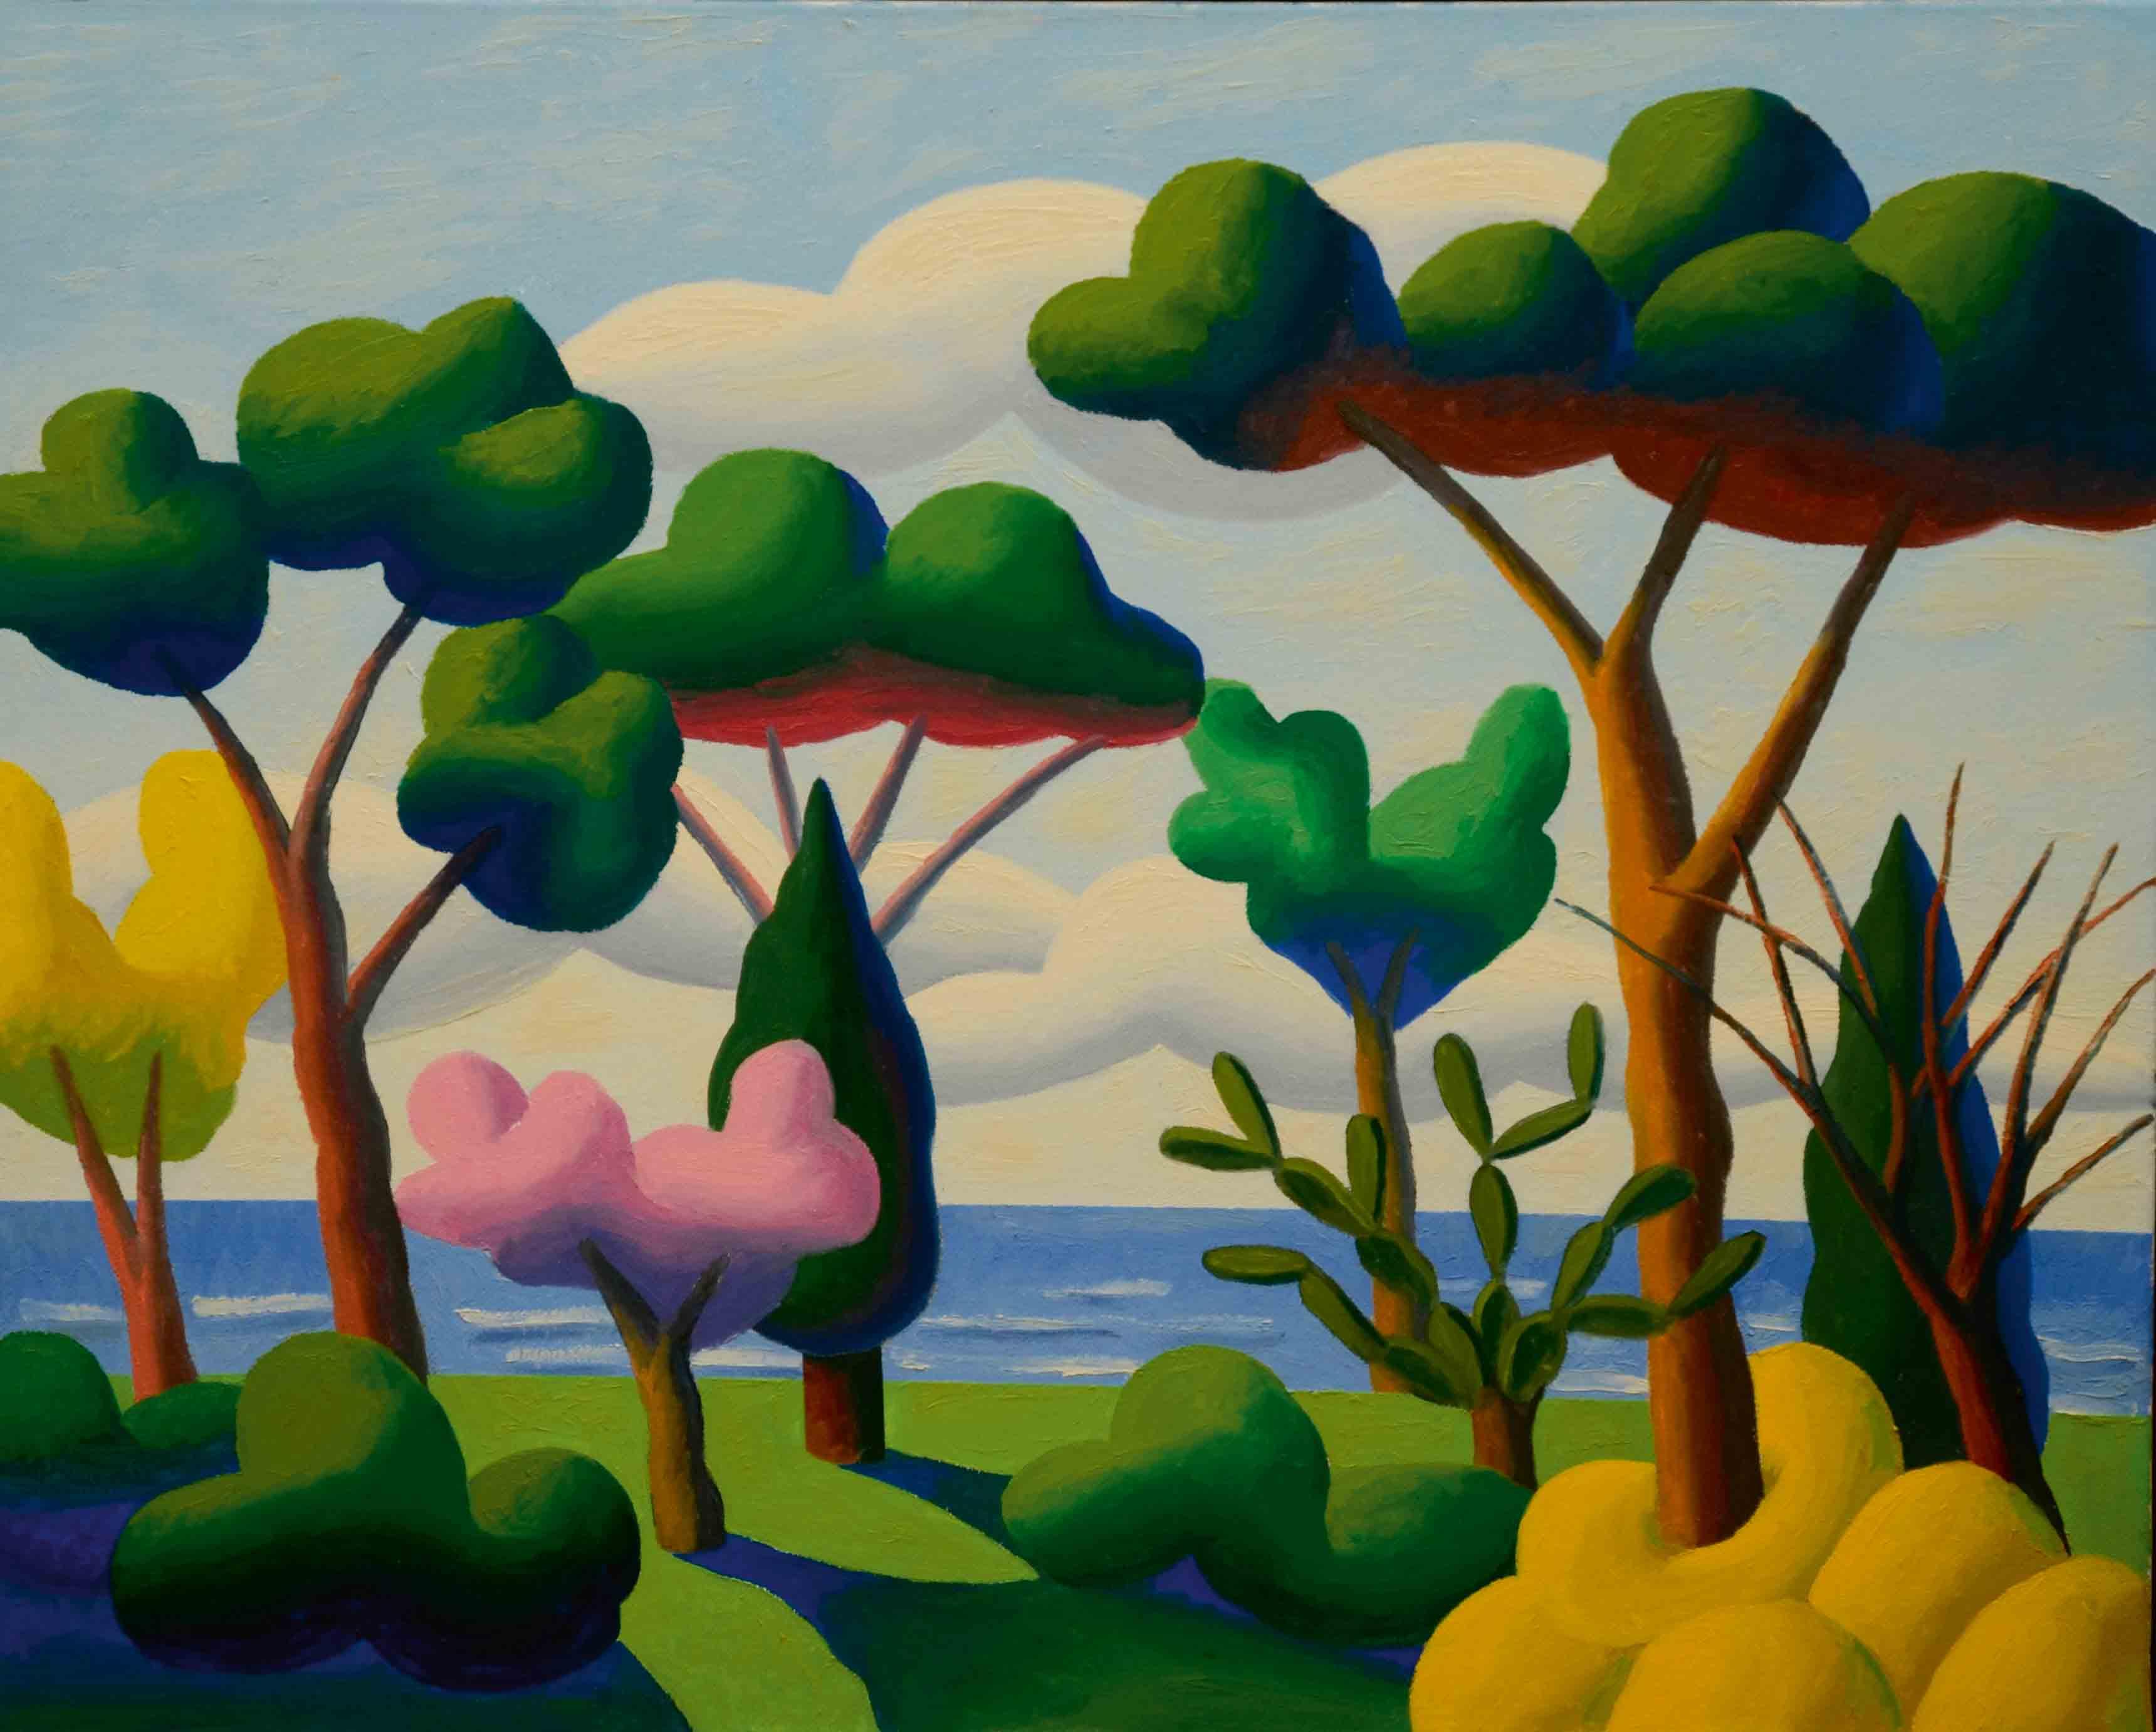 """""""Primavera"""" (2007), de Salvo, huile sur toile, 80 x 100 cm. Collection privée, Milan."""